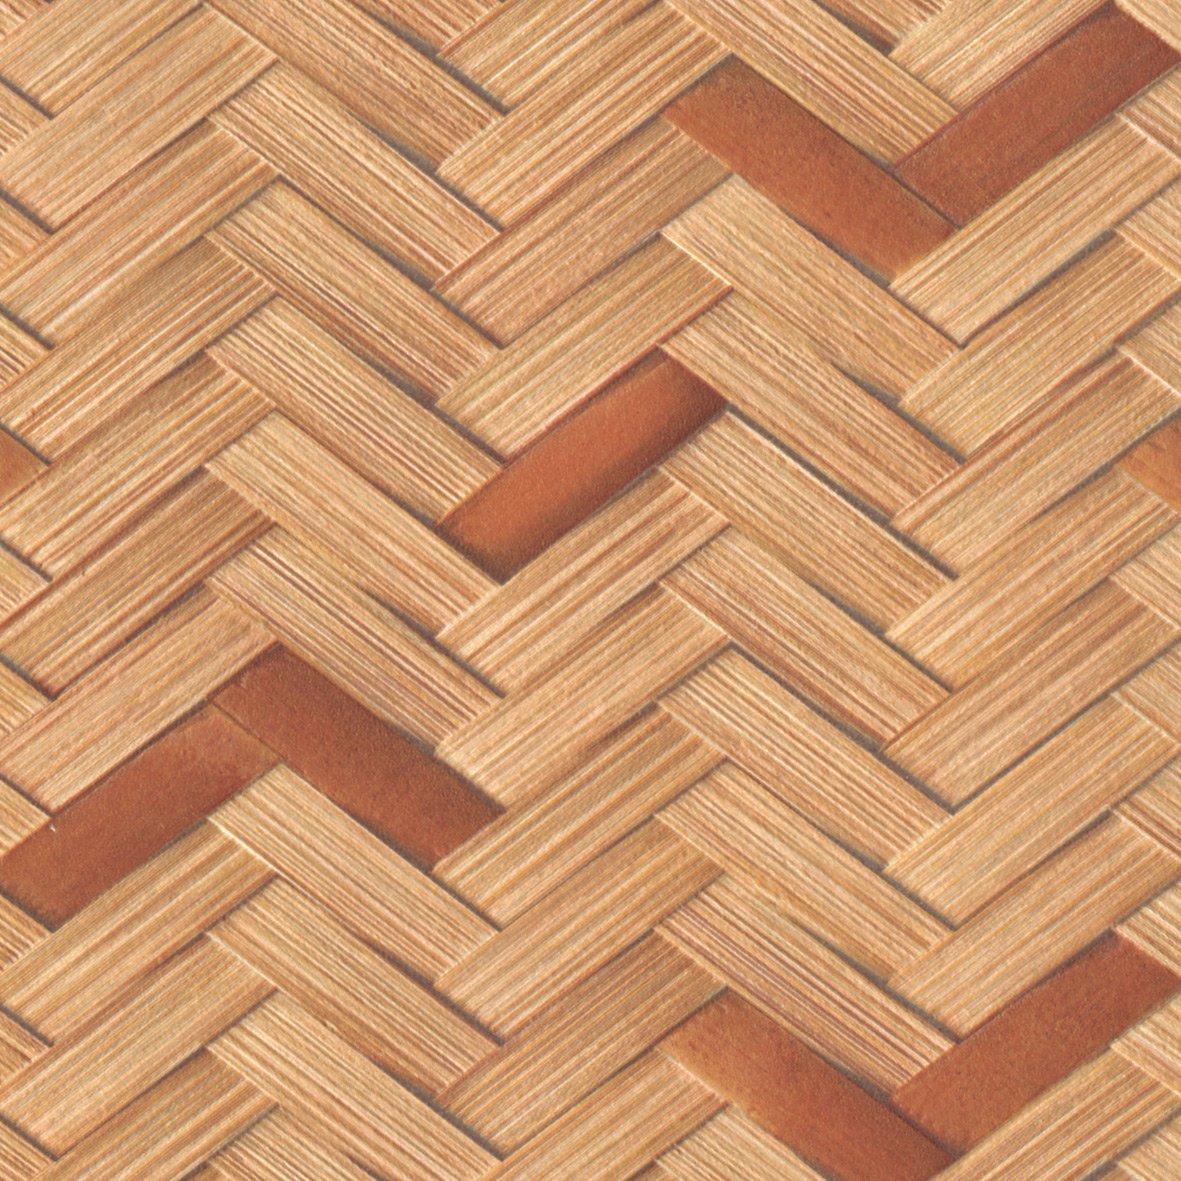 リリカラ 壁紙48m 和 木目調 ブラウン 和調 LV-6433 B01IHQHB2I 48m